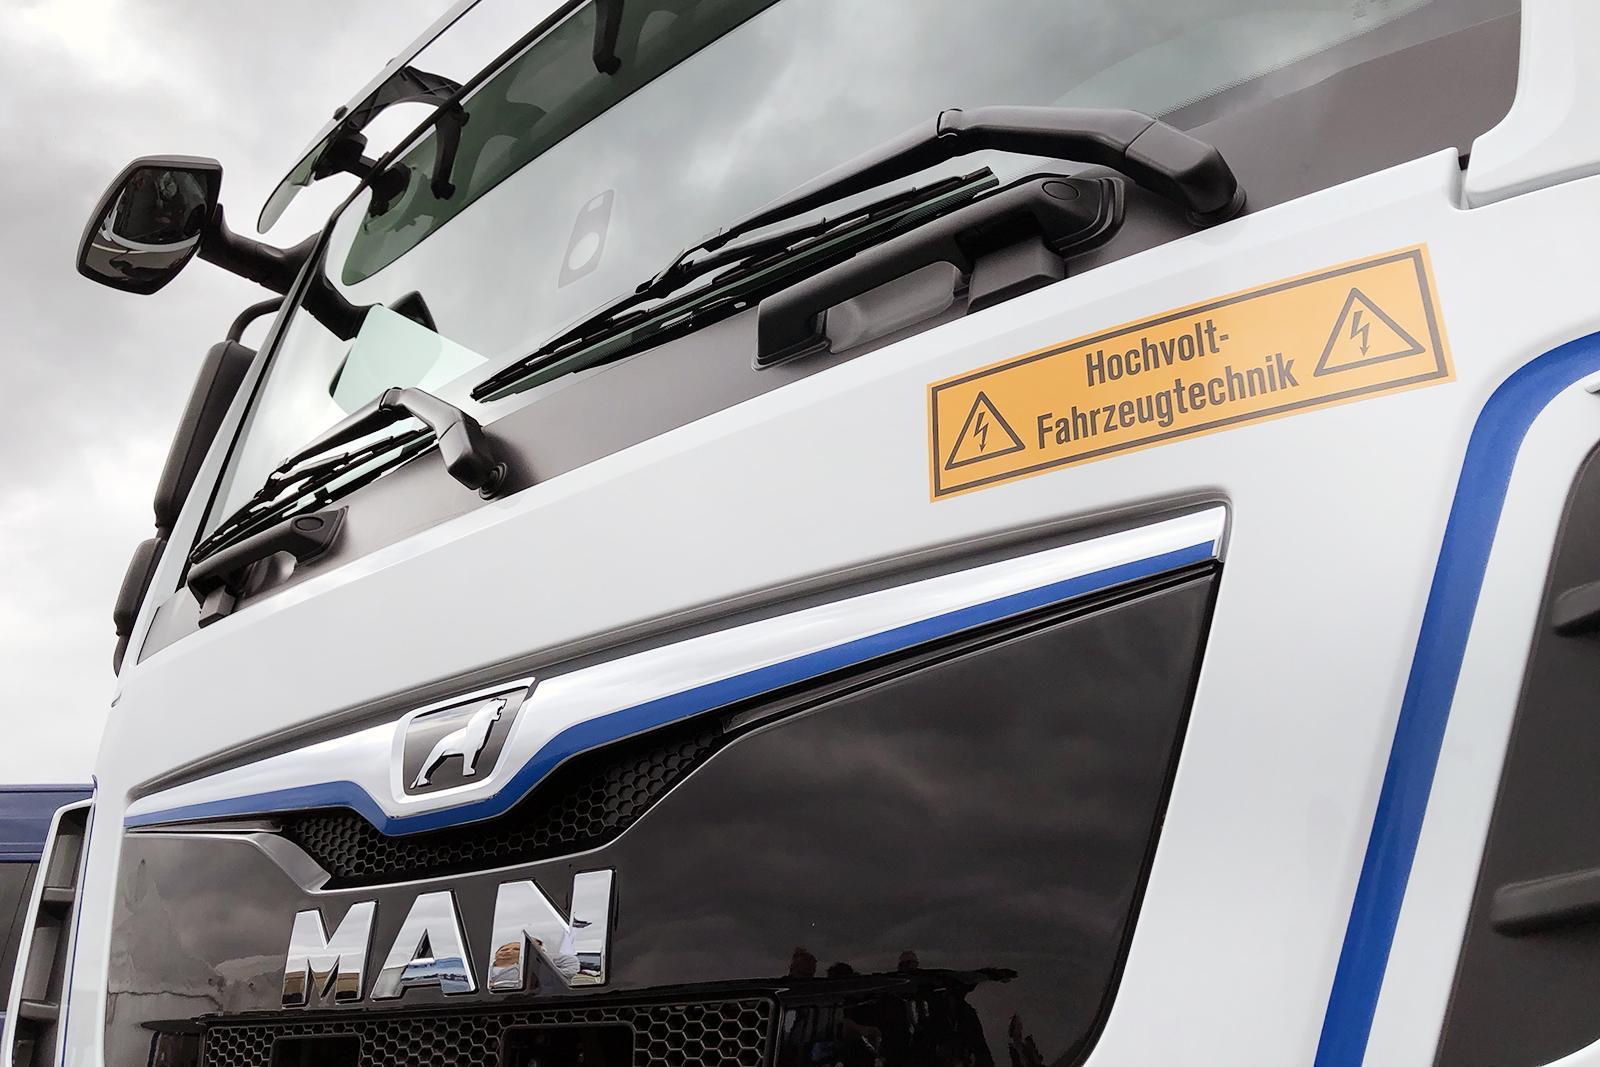 Germania are nevoie de cel puțin 1.200 stații de încărcare pentru camioanele electrice